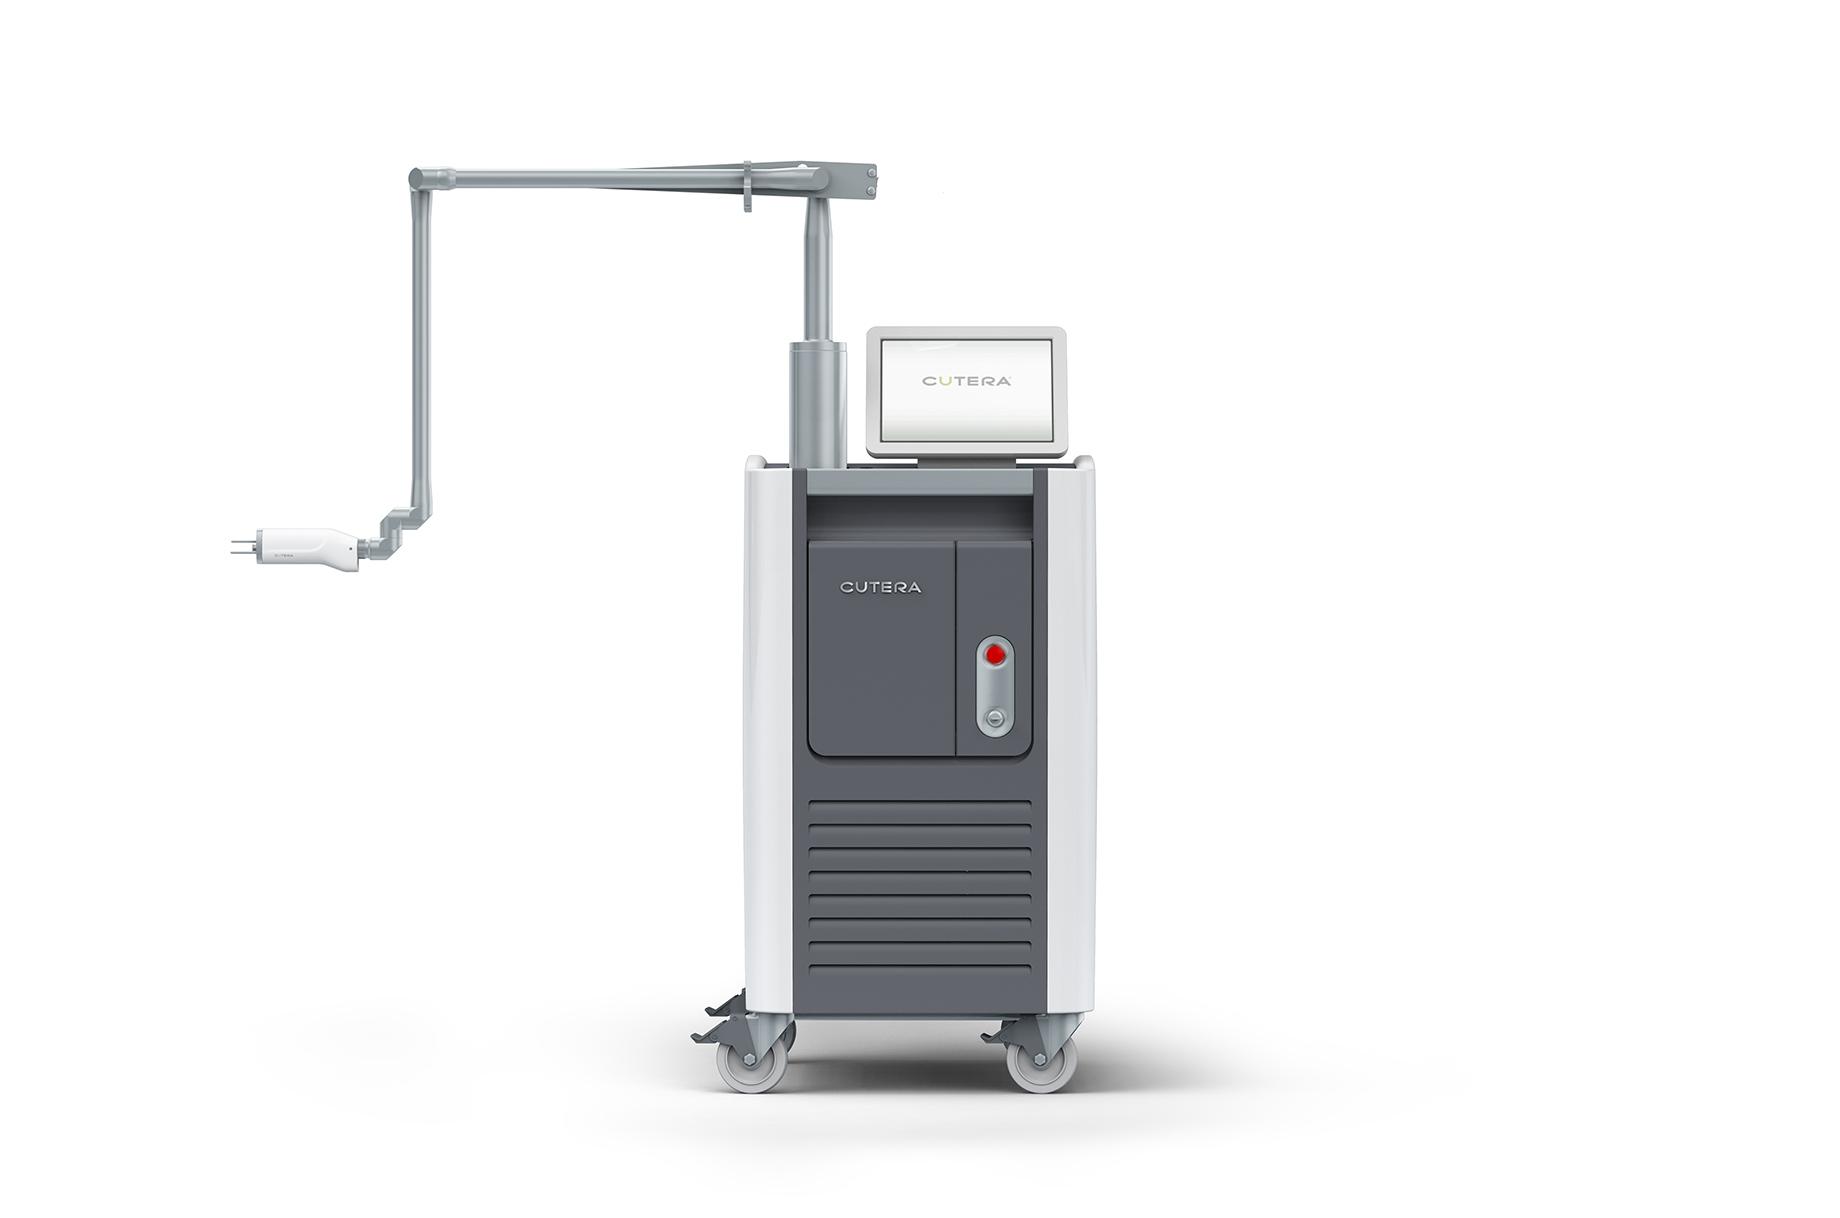 2つの照射モード搭載で、多彩なコンビネーション治療が可能